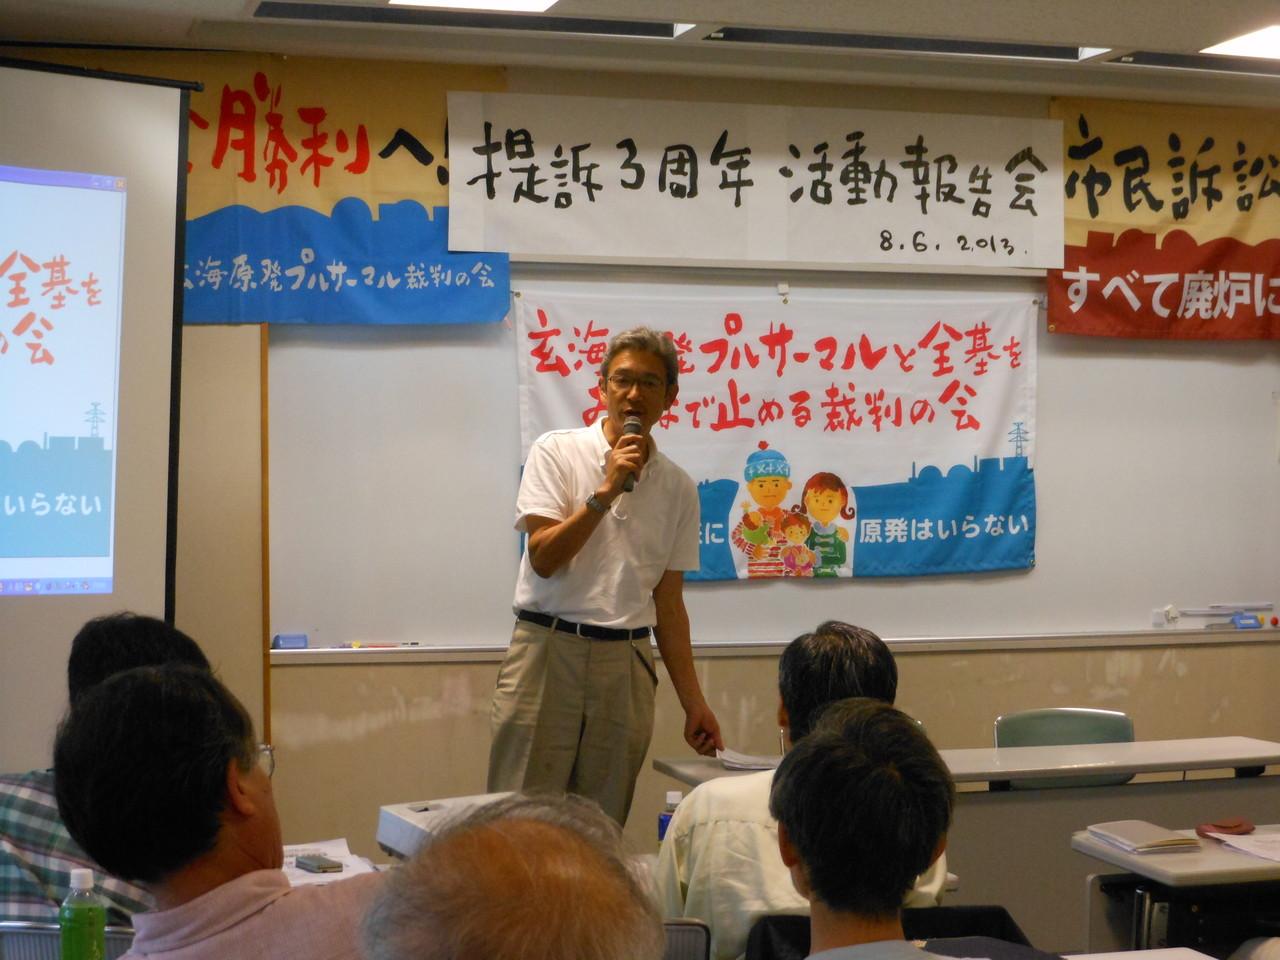 鹿児島からかけつけてくれた、原告のお一人、向原祥隆さん